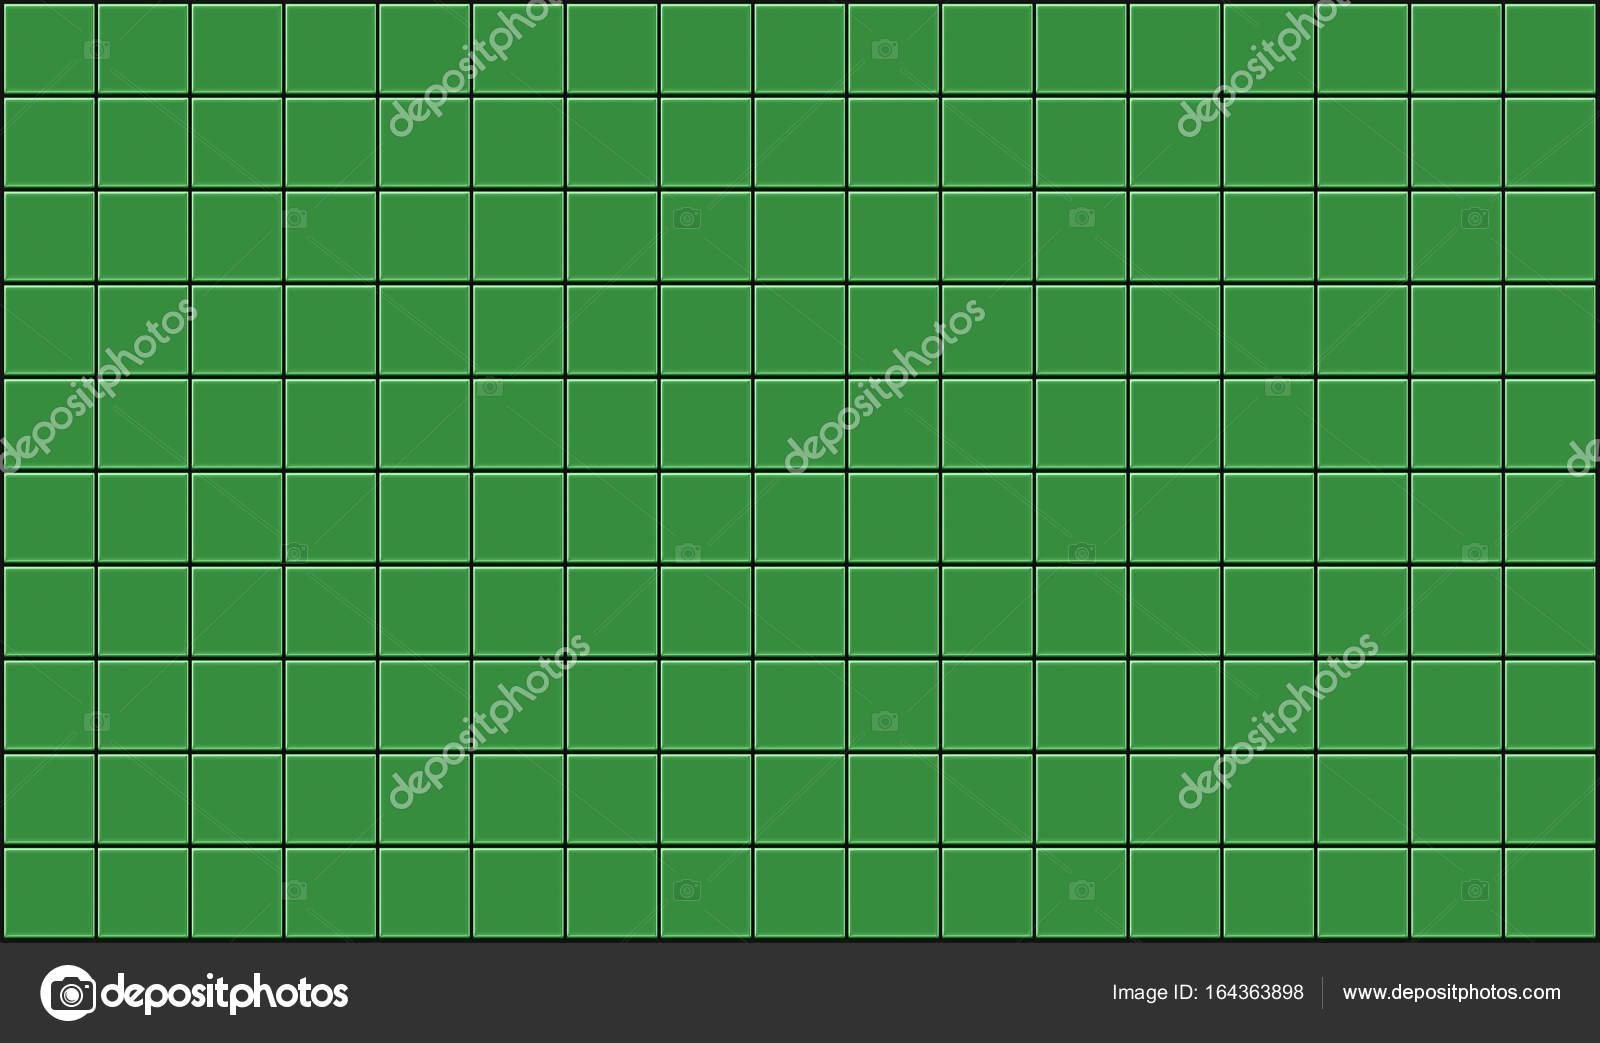 Piastrelle verdi foto royalty free immagini immagini e archivi